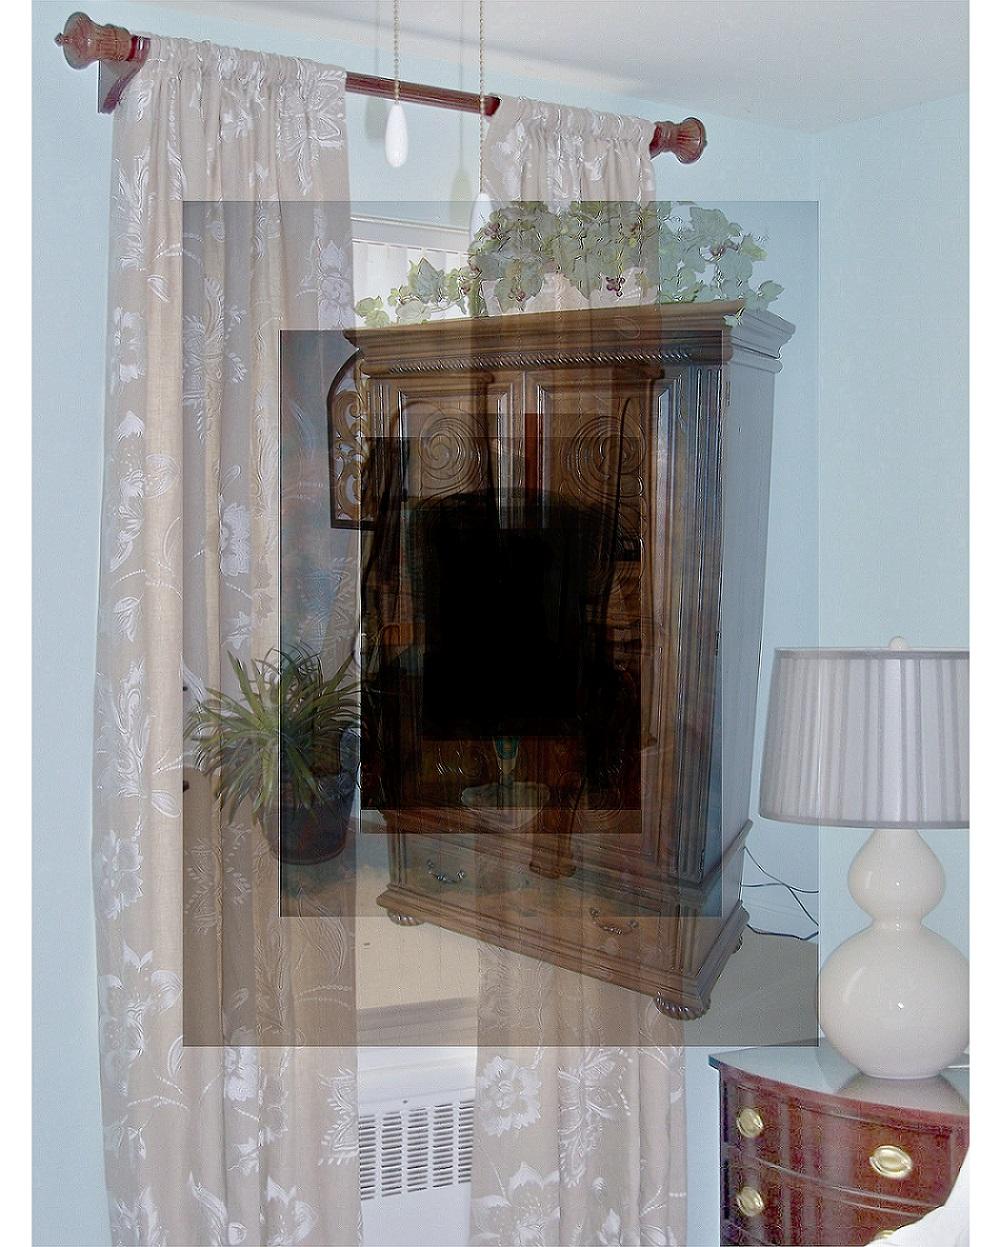 Alessandro Calabrese, 20141227 David, dalla serie A Failed Entertainment, Stampa inkjet su carta Pearl, cm 100x80 © Alessandro Calabrese, courtesy Viasaterna